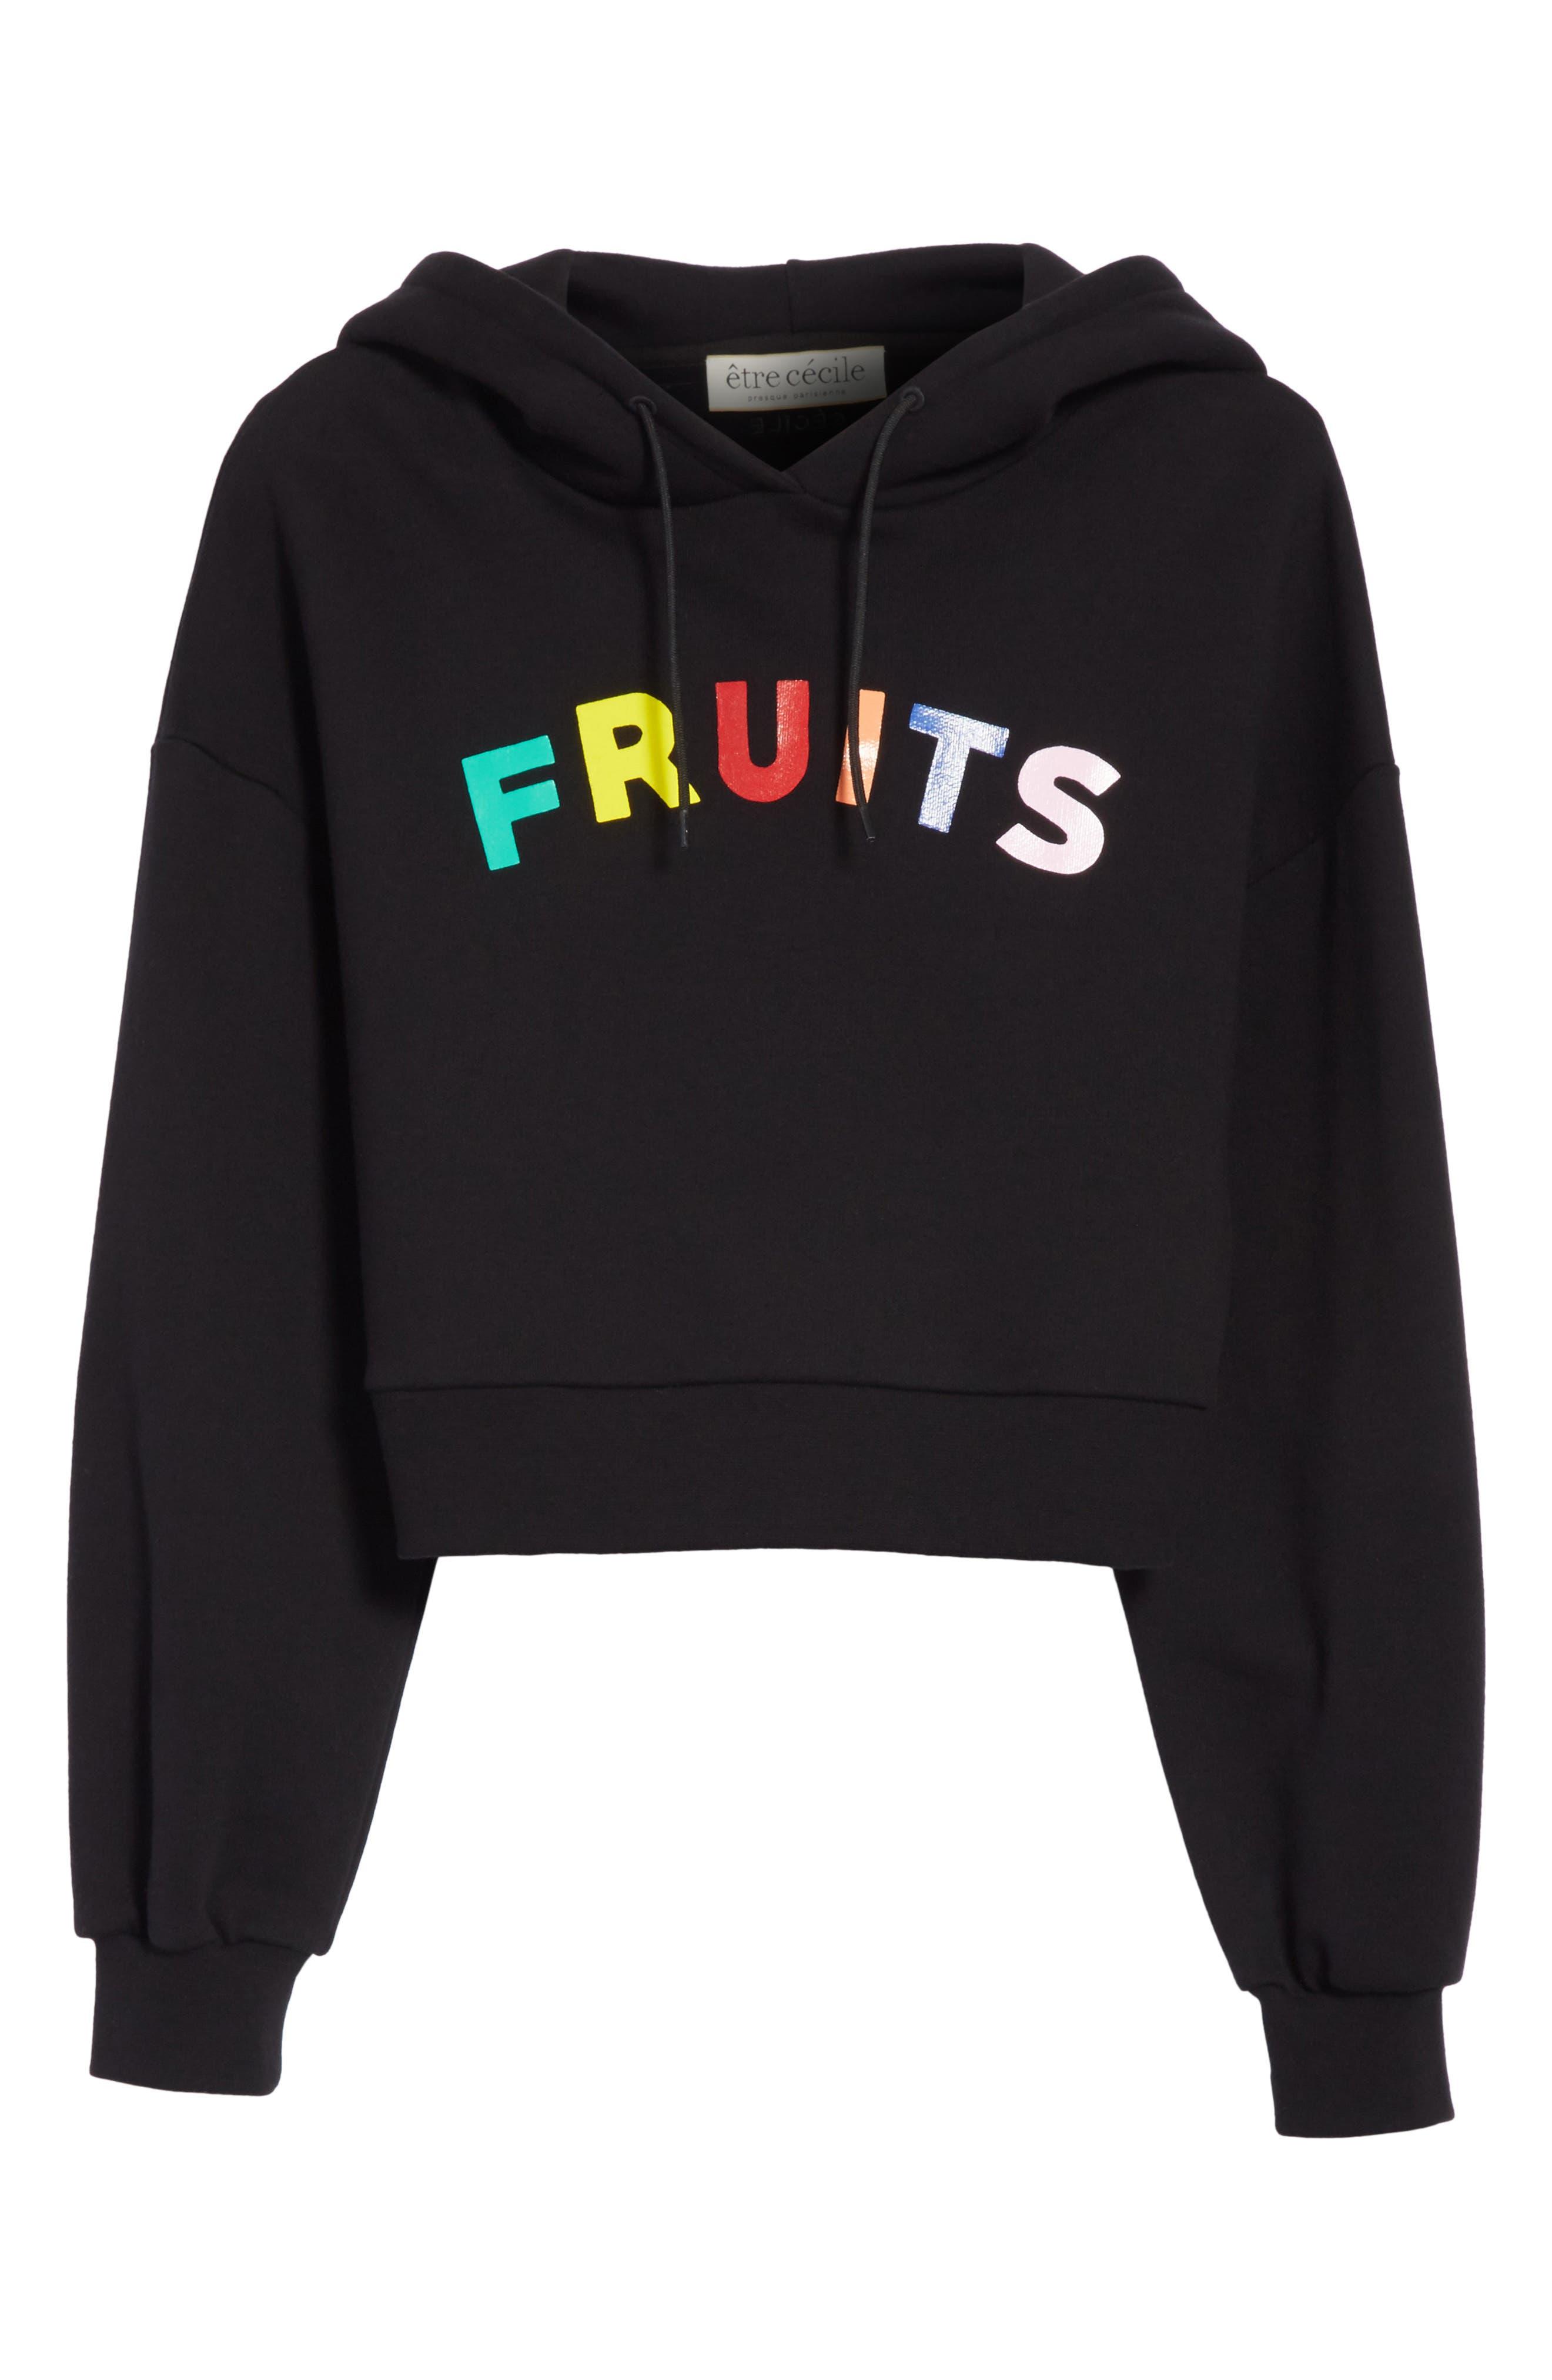 être cécile Fruits Crop Oversize Hoodie,                             Alternate thumbnail 6, color,                             001